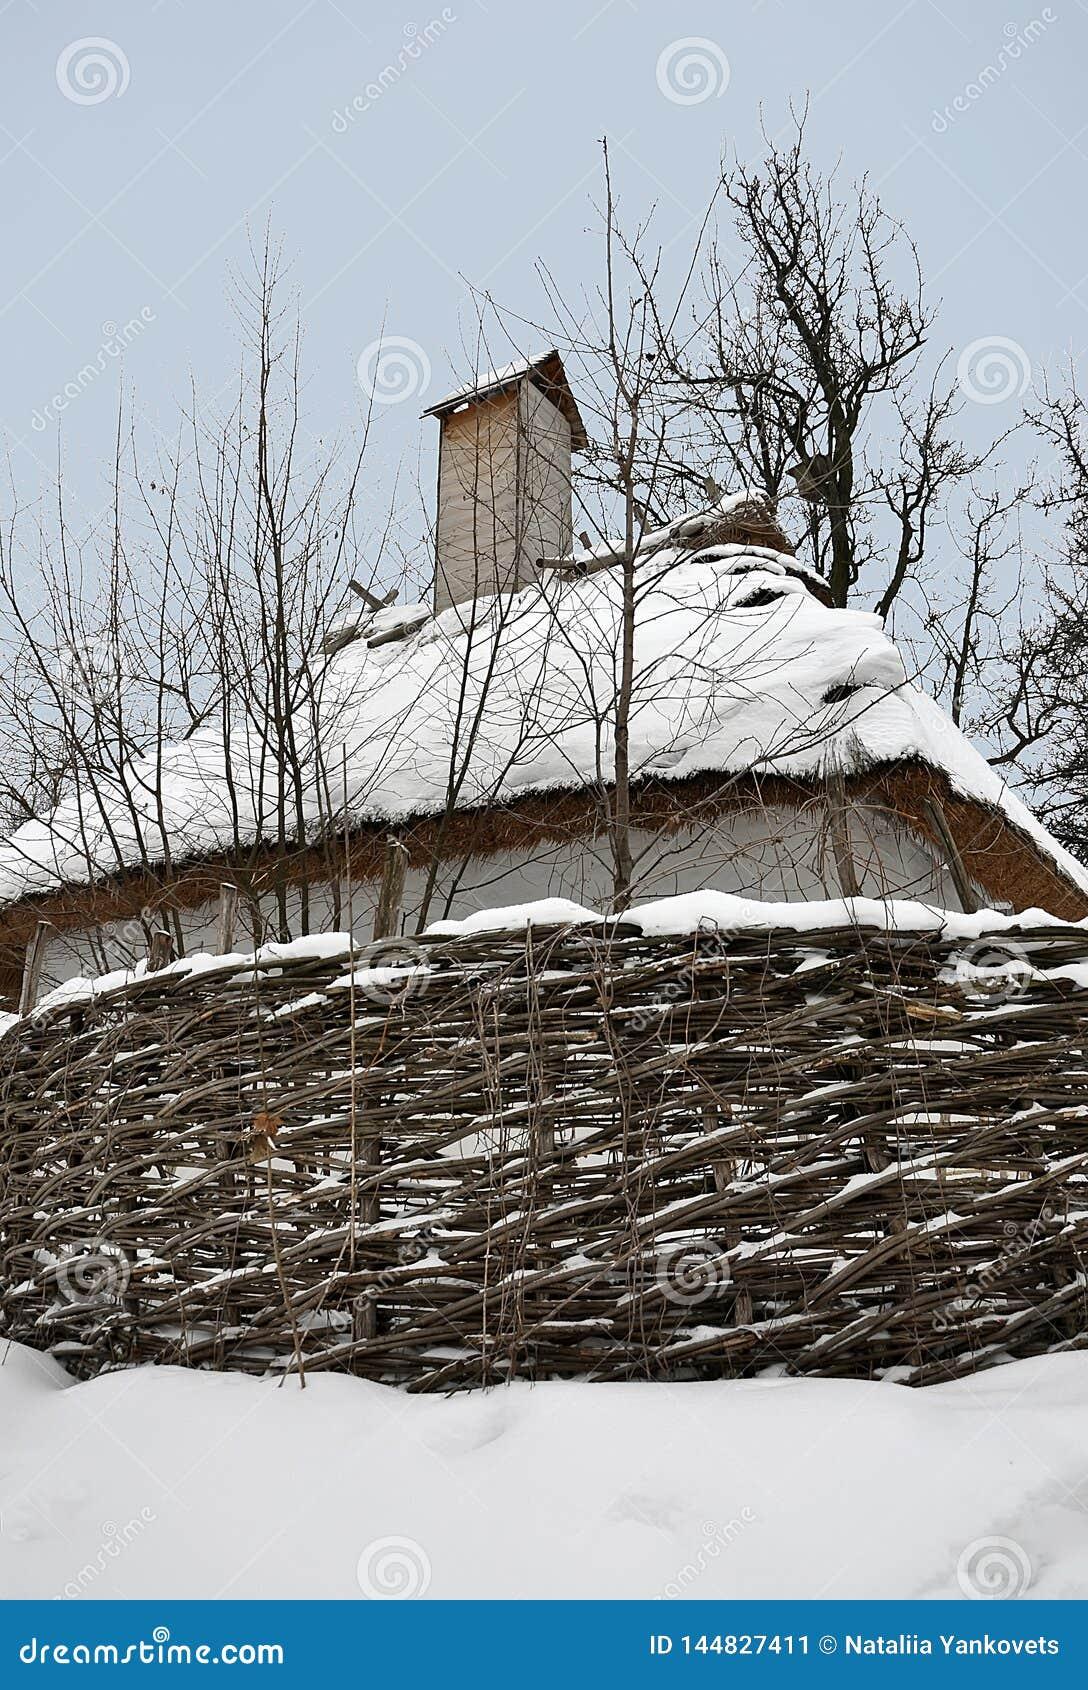 Starzy drewniani domy pod pokrywaj?cym strzech? dachem zakrywaj?cym z ?niegu i woodpile statywowymi pobliskimi starymi drzewami